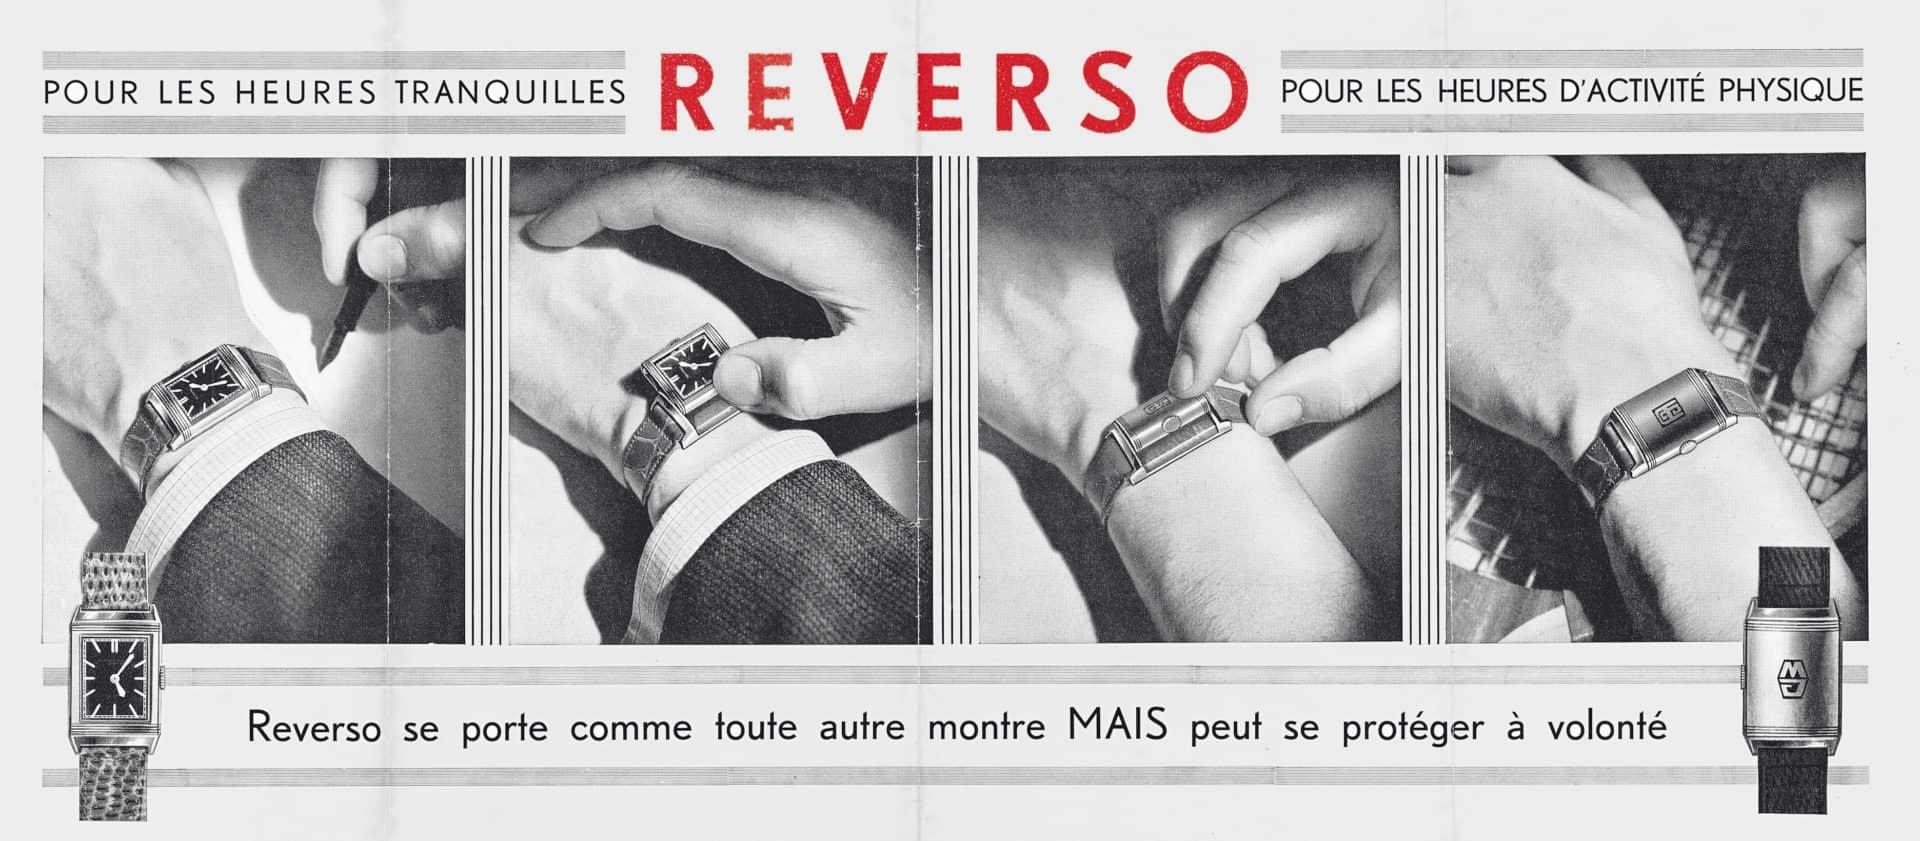 Im Reverso-Prospekt der 1930-er Jahre: Ob ruhig oder aktiv, die Jaeger-LeCoultre Reverso ist die richtige Uhr